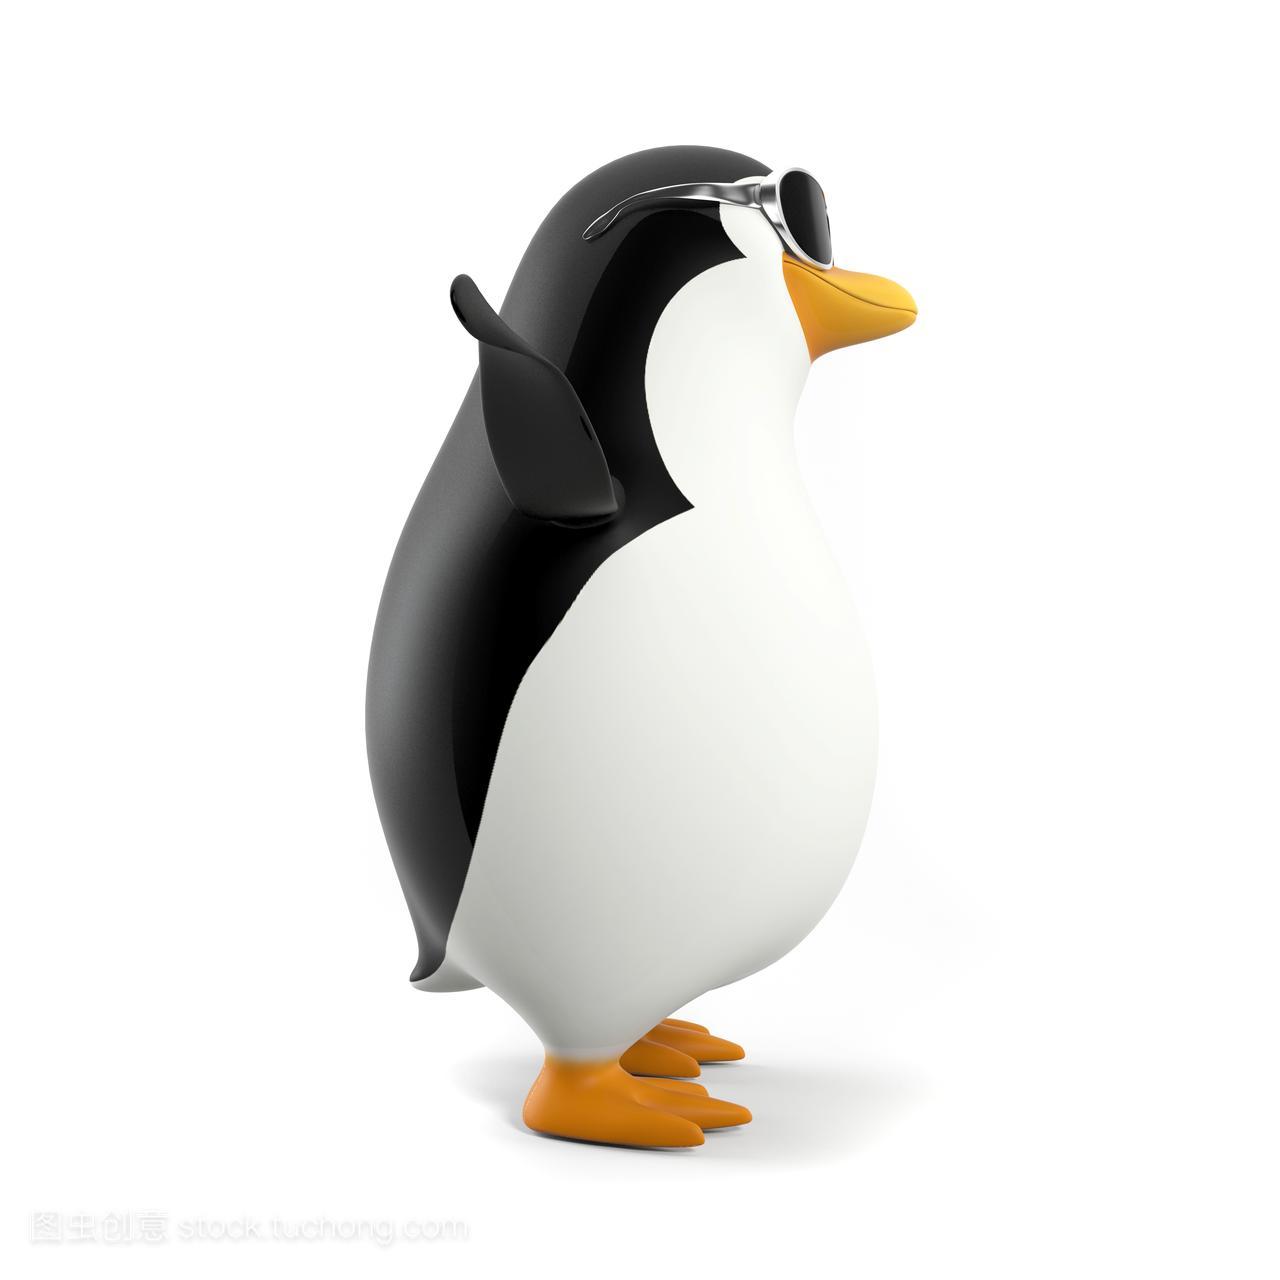 南边,v内涵图,内涵,南极,孤立,企鹅,冷,储藏,南部,美女奥运会图片